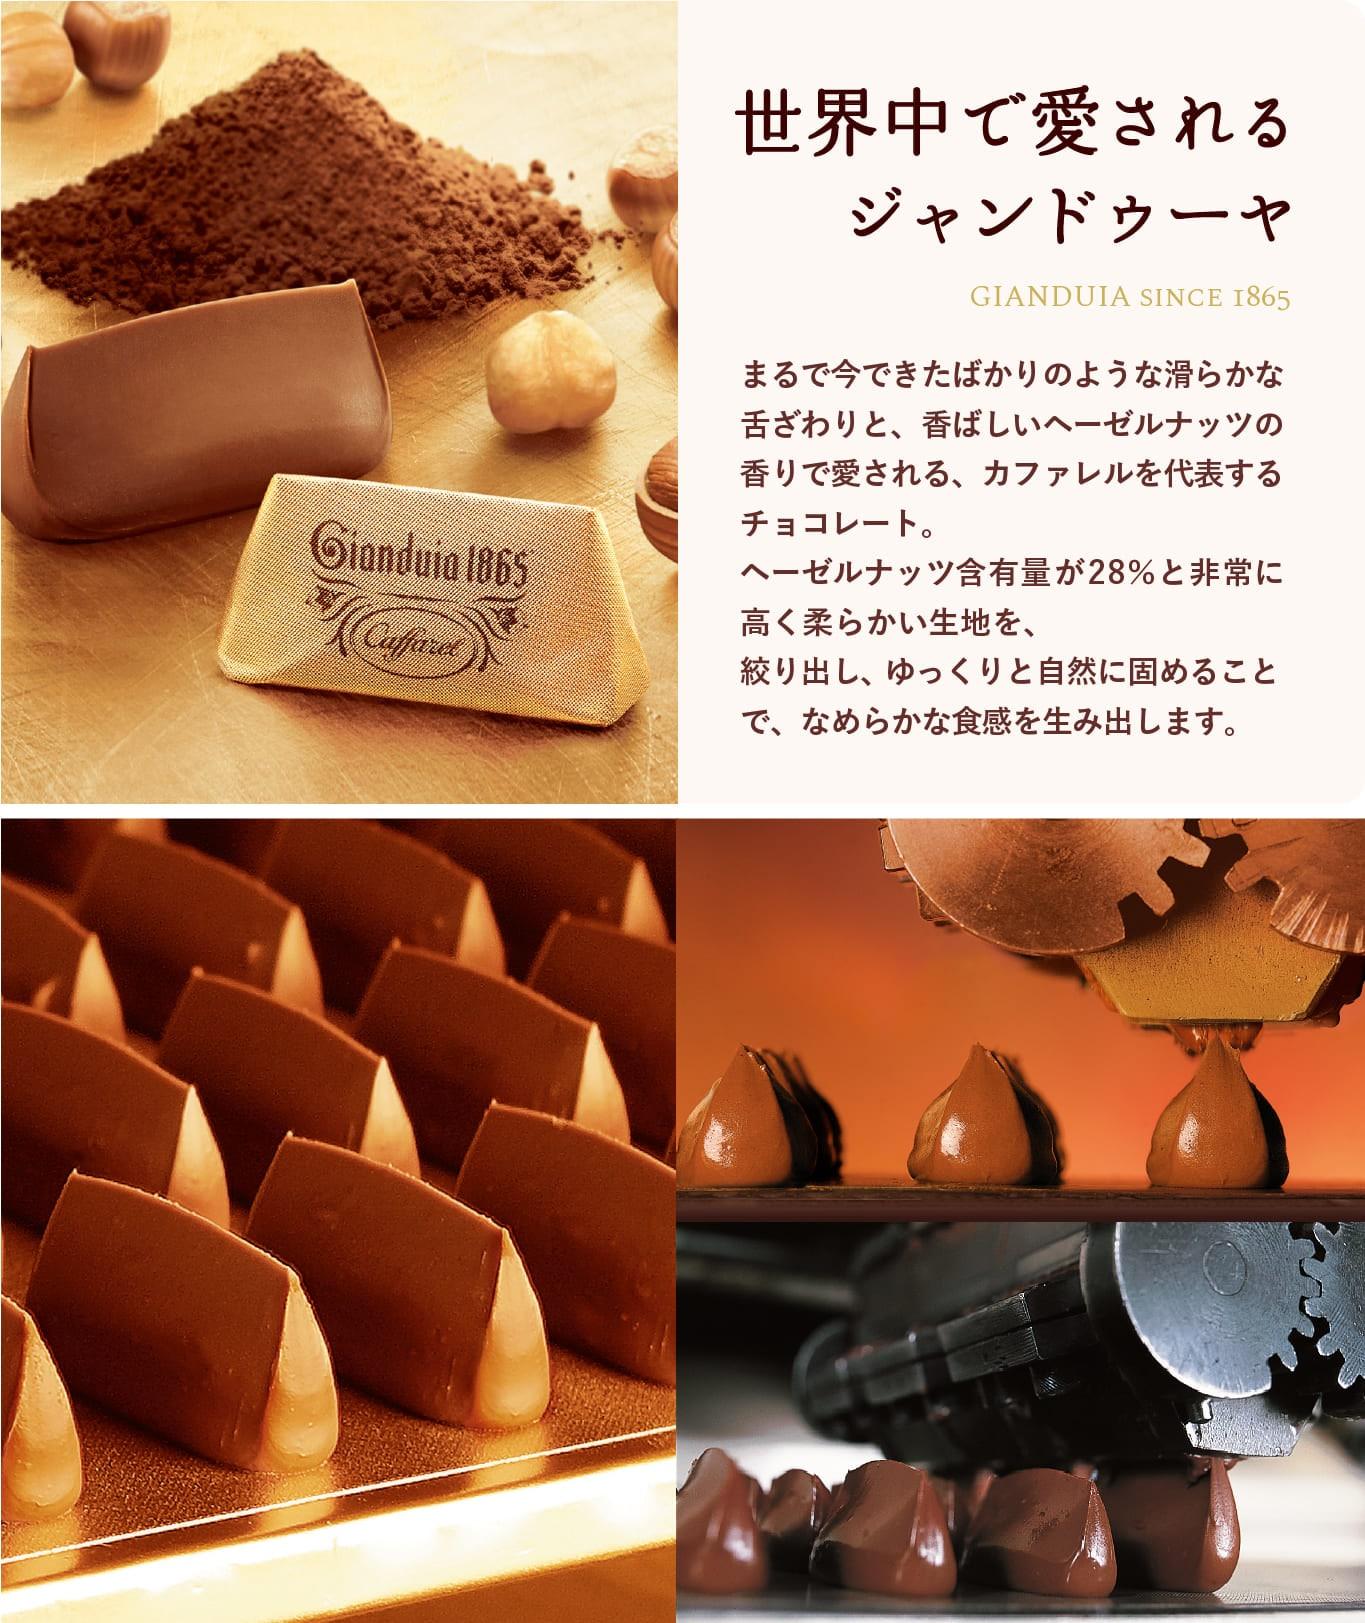 送料無料のカファレル高級チョコレートセット